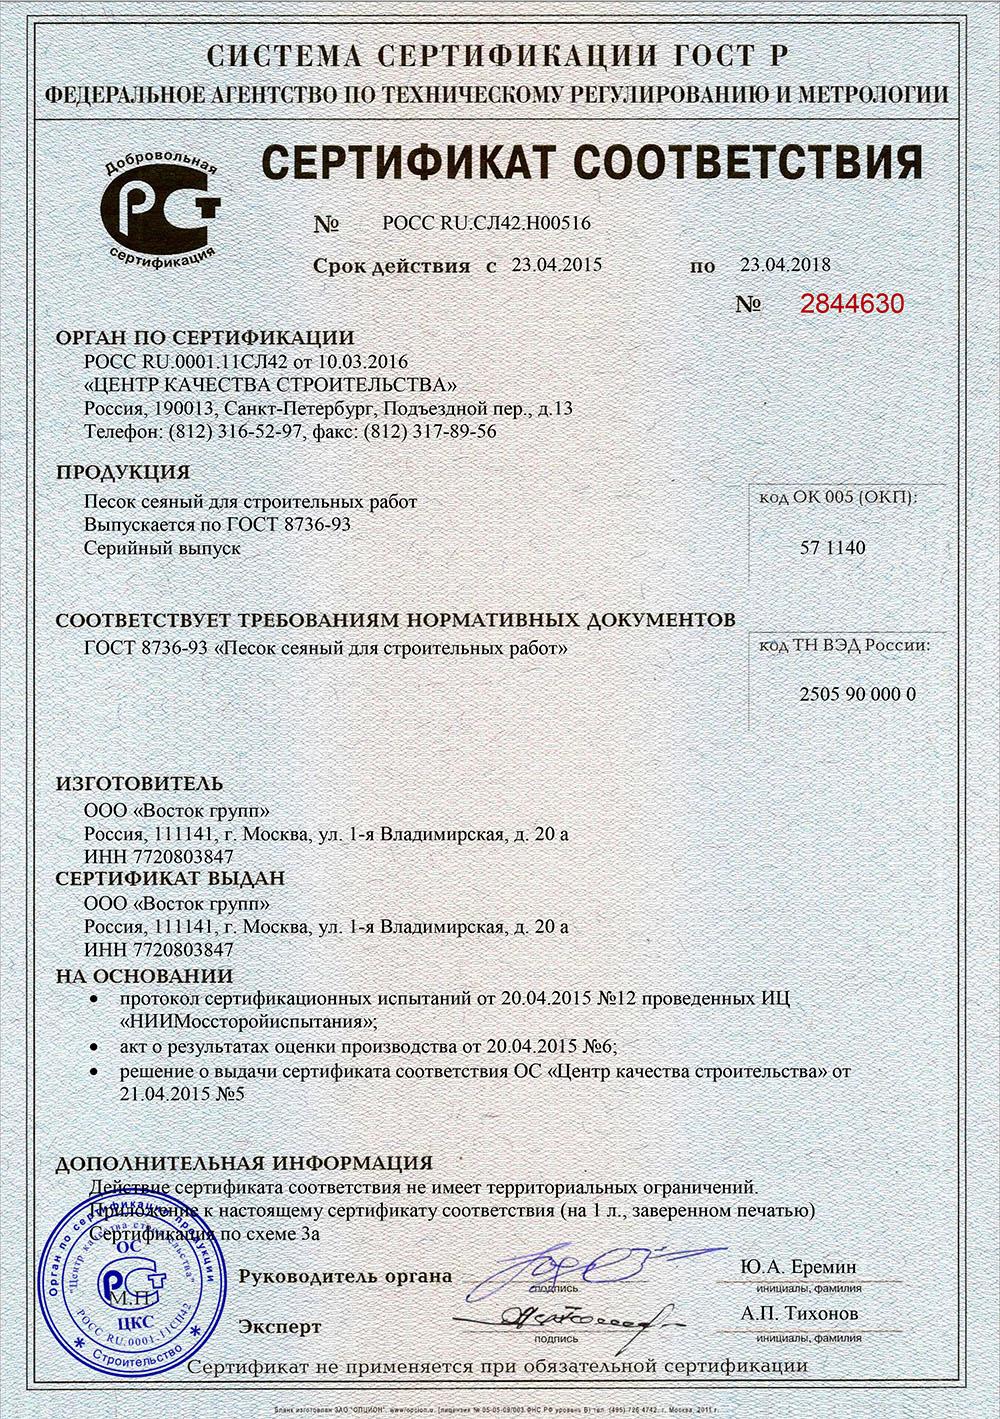 Сертификат соответствия песок сеяный